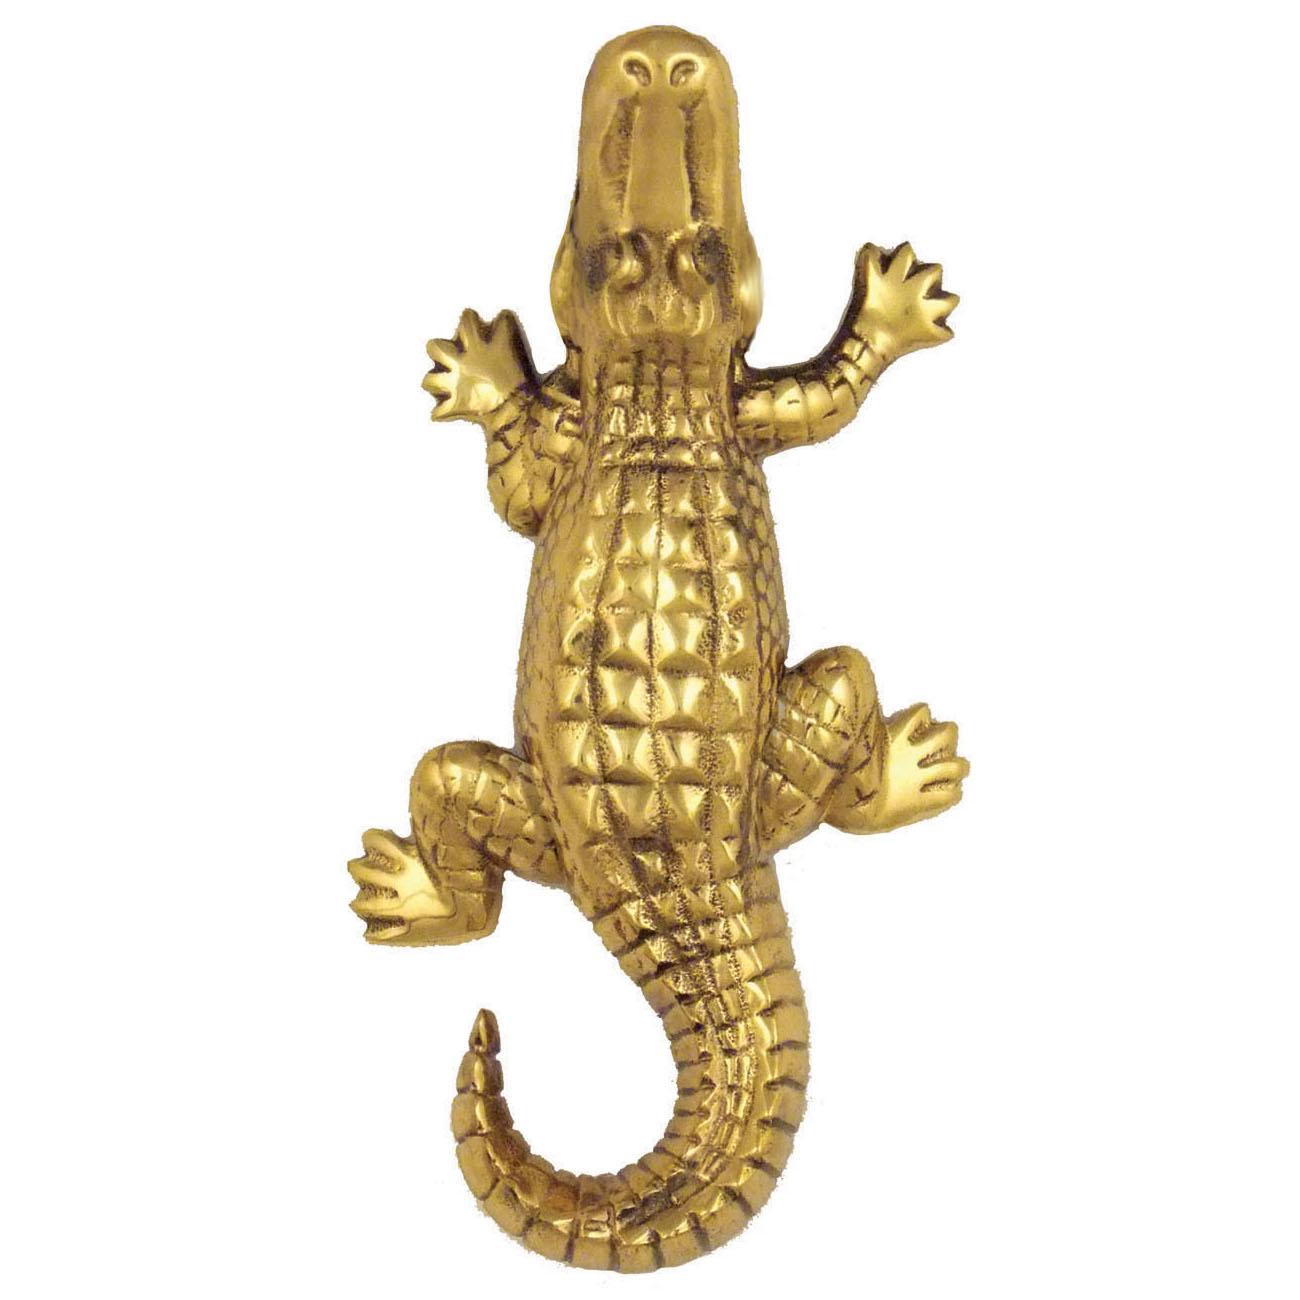 Alligator Doorbell Ringer - Brass